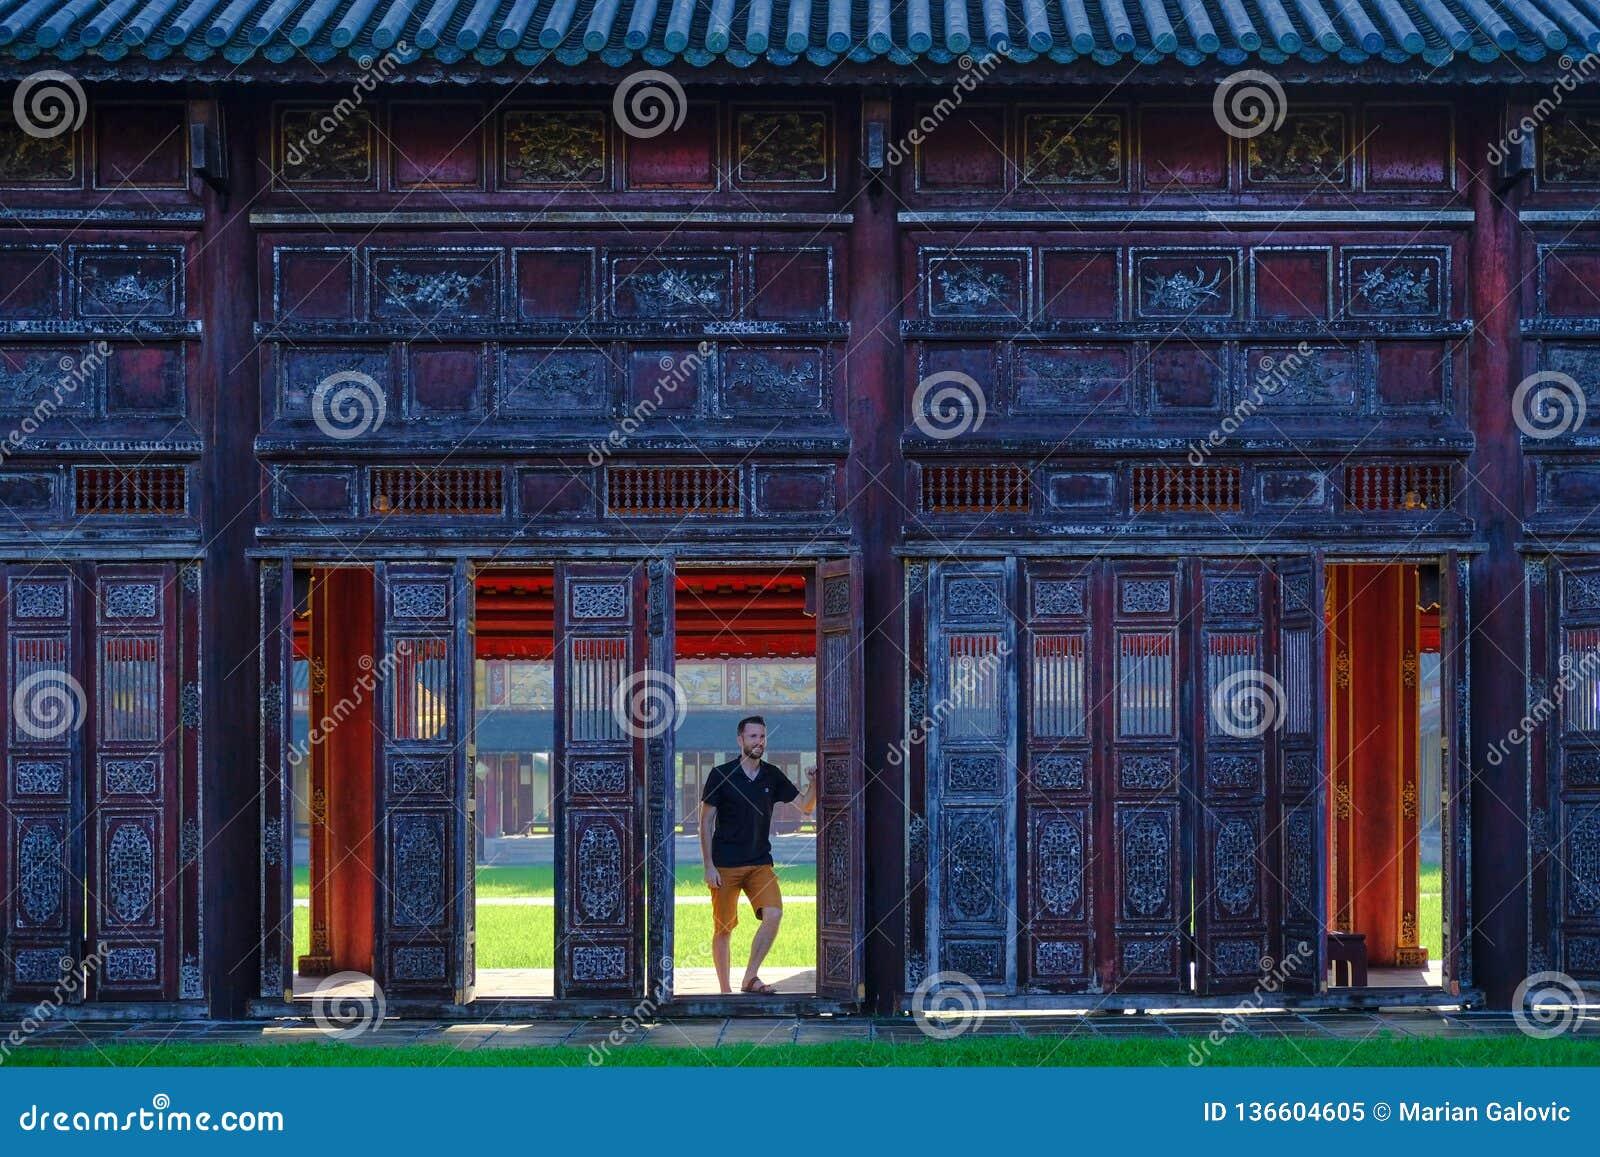 Farbe/Vietnam, 17/11/2017: Mannstellung nahe bei dekorativen Türen in einem traditionellen pavillion im Zitadellenkomplex in der